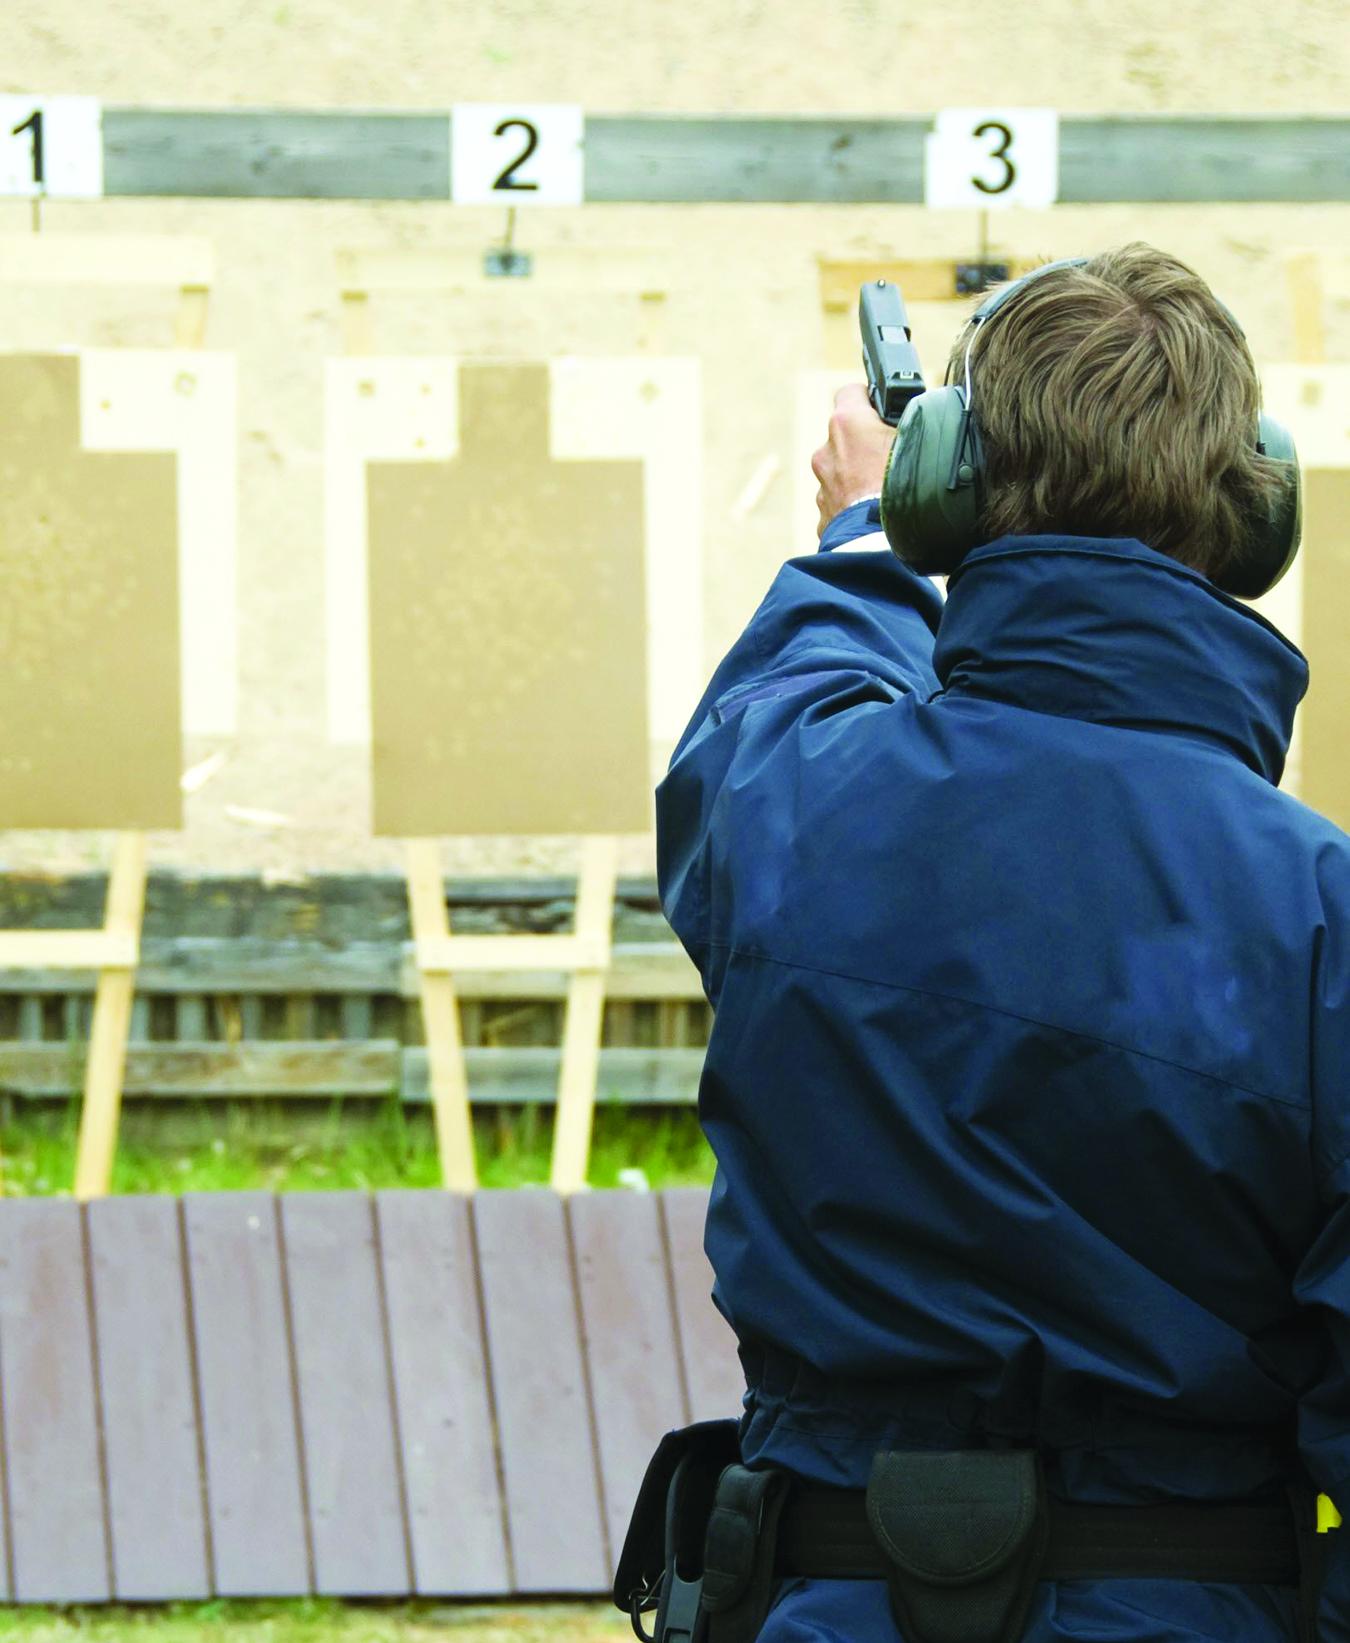 Range Training Equipment